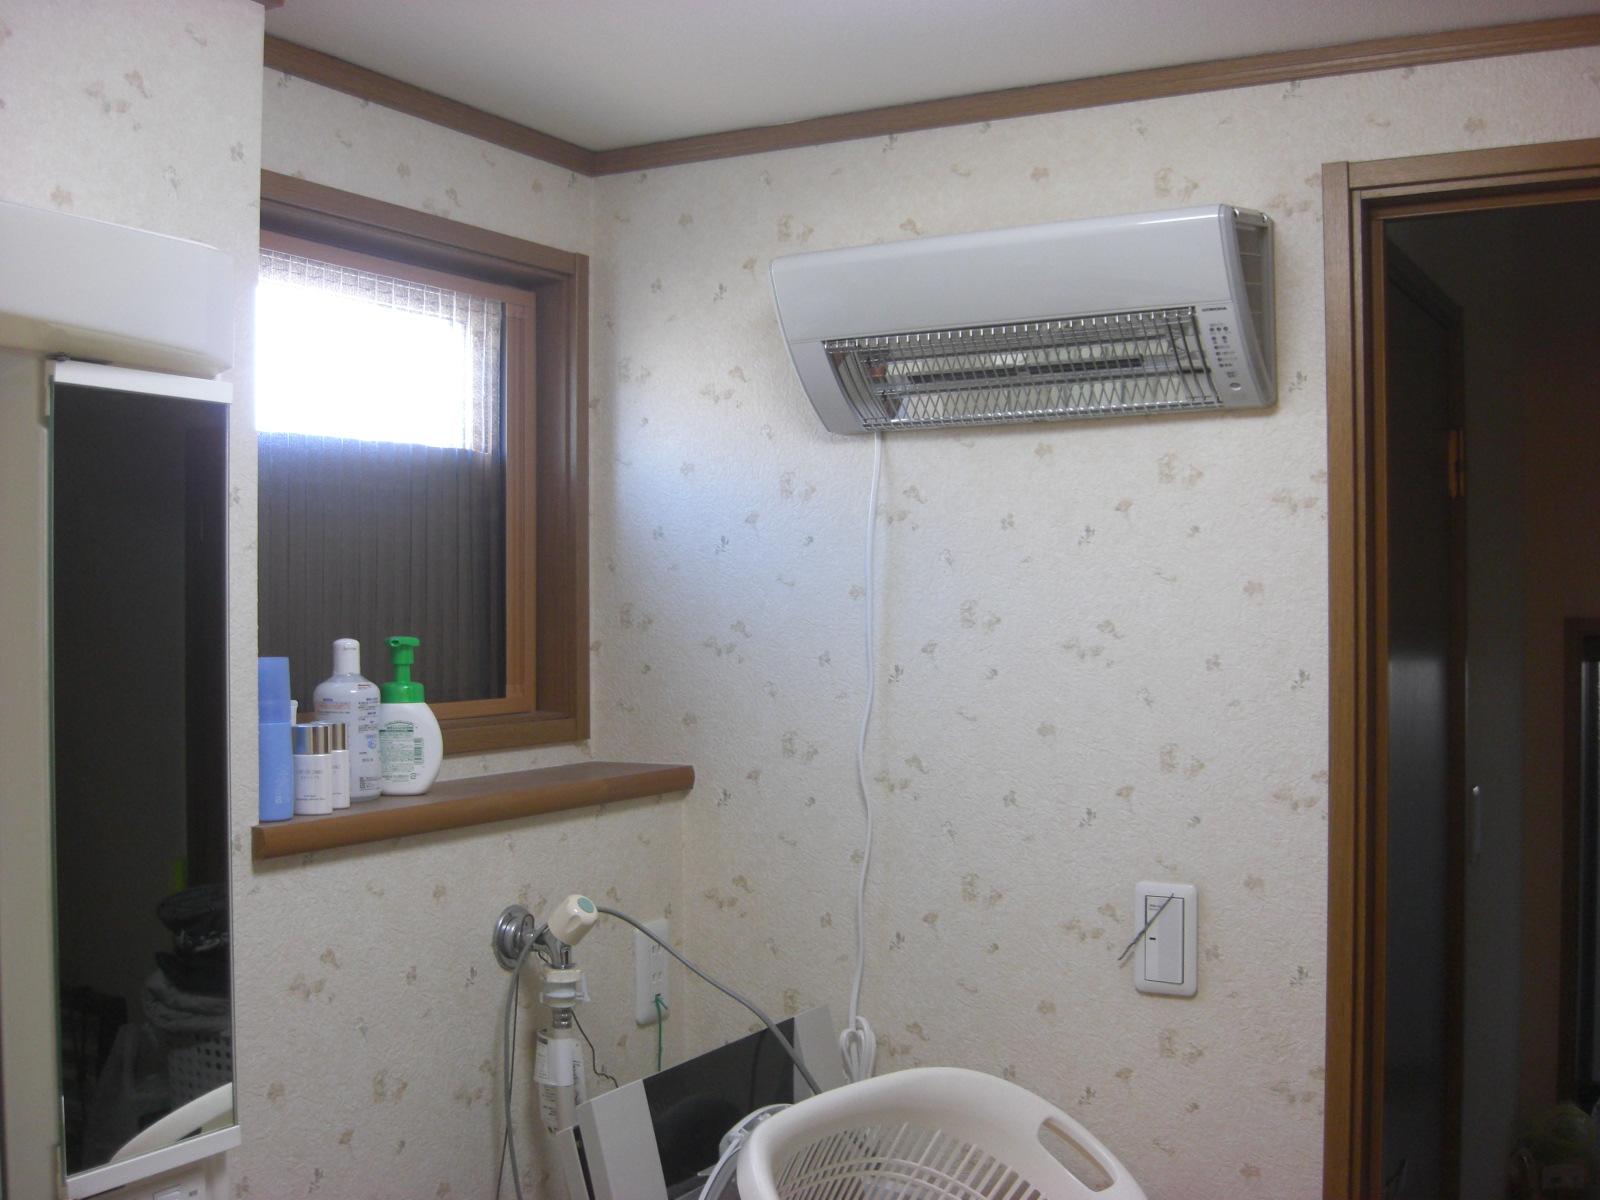 ヒートショック対策に最適!洗面脱衣室暖房機